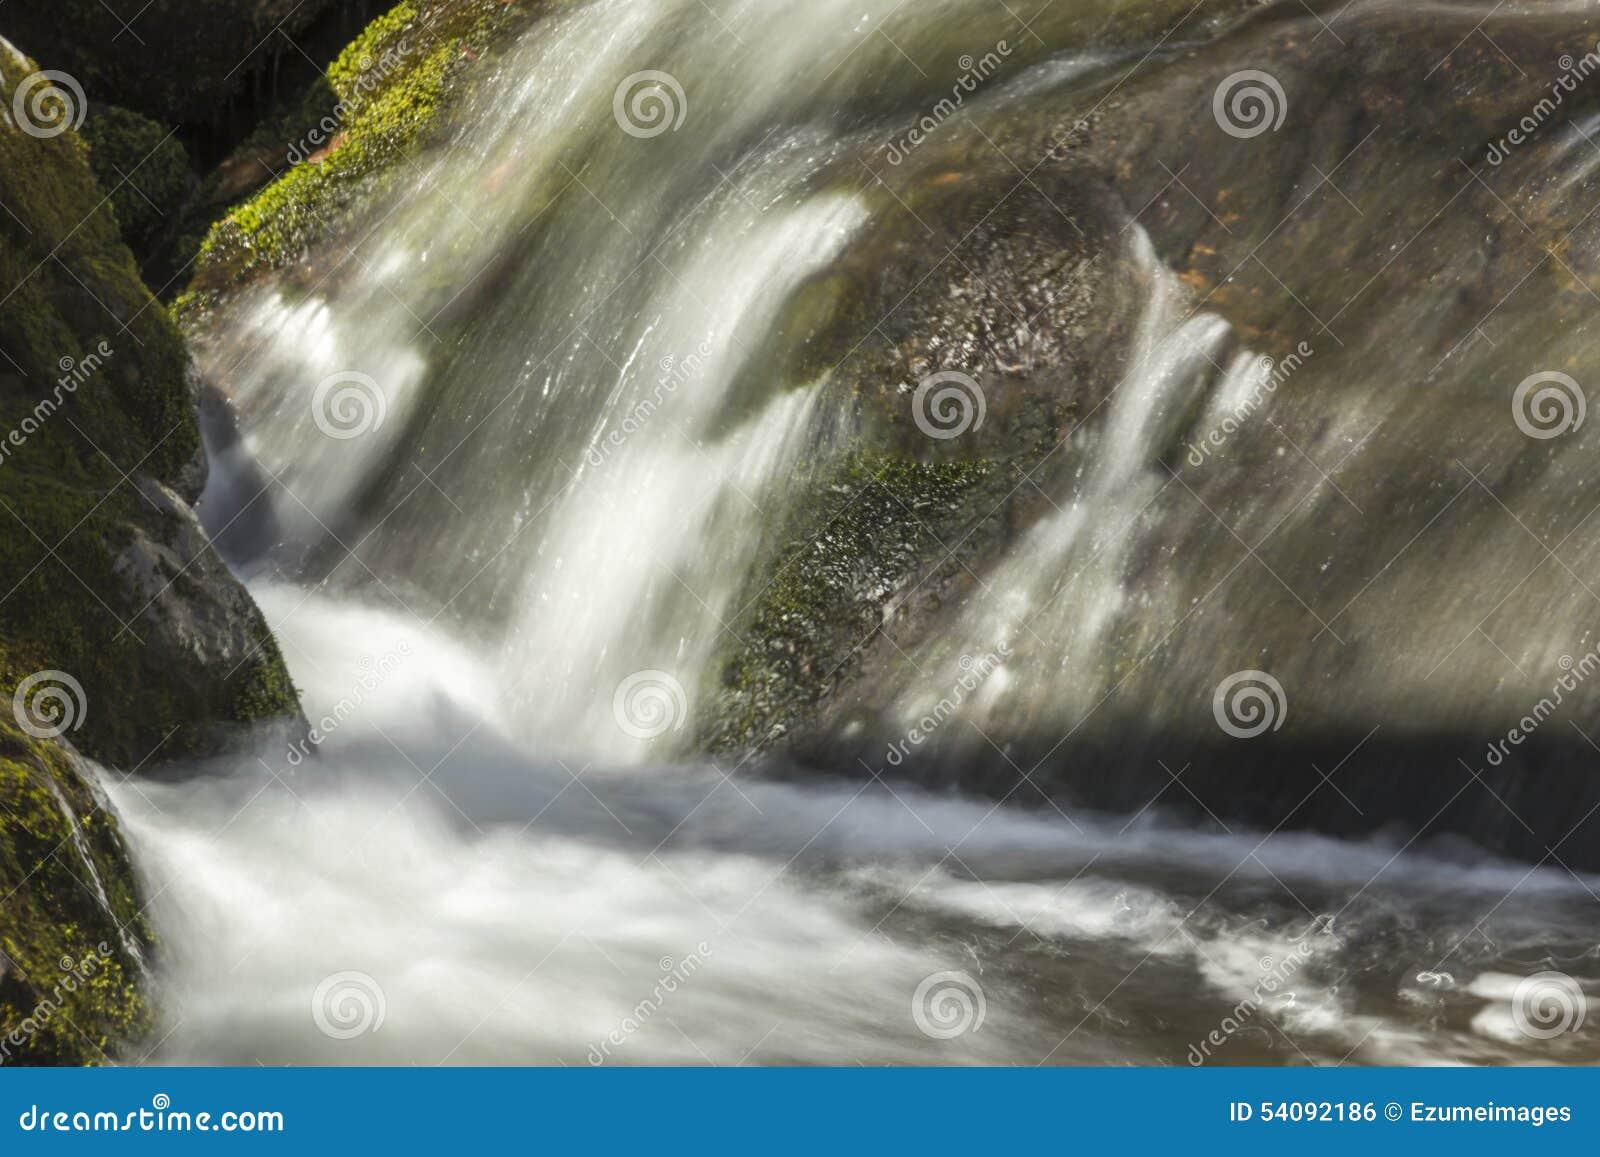 Misty Woodland Waterfall